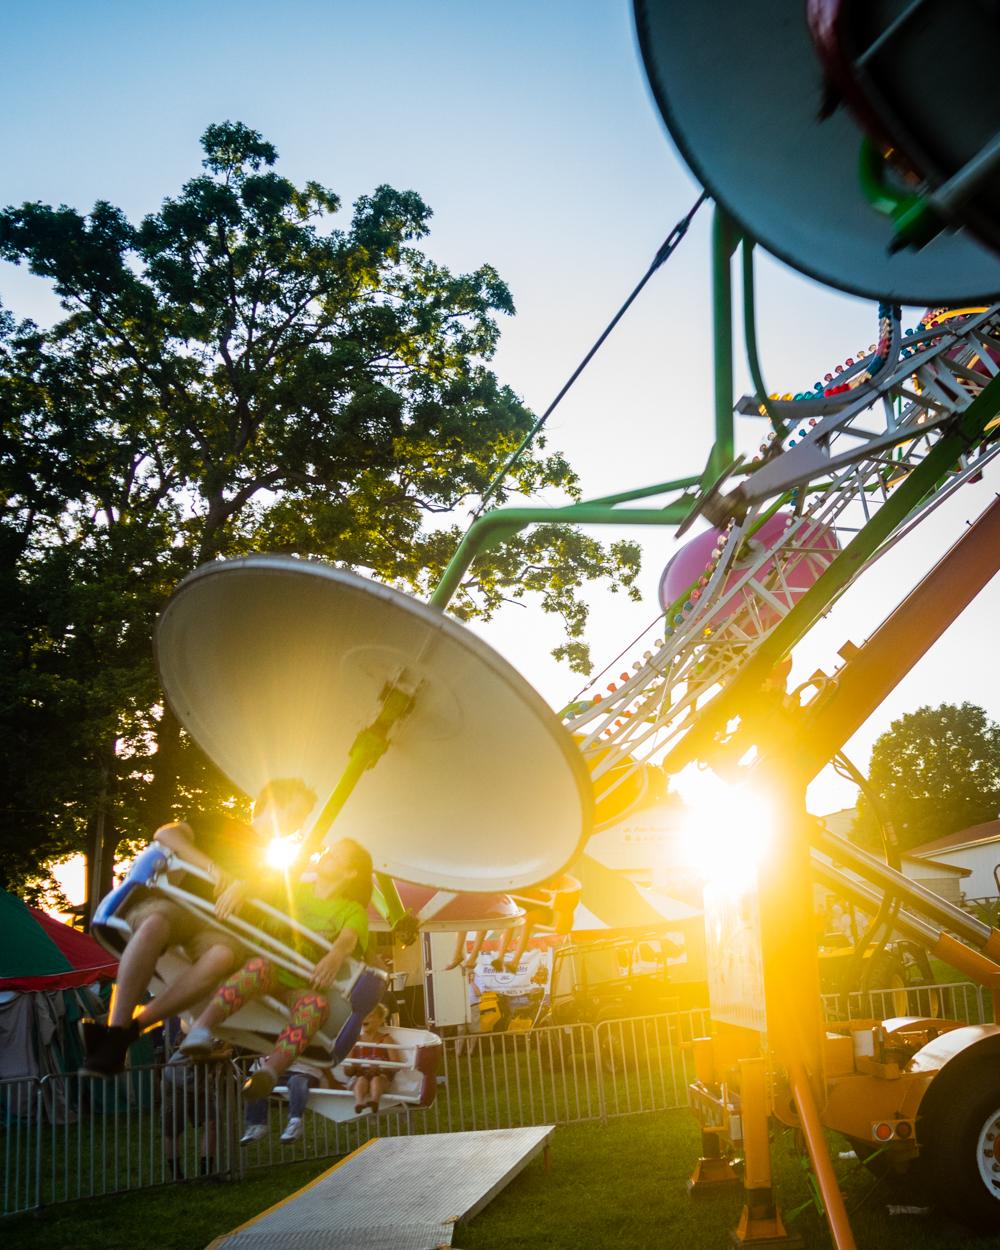 150727-Knox County Fair-1.jpg